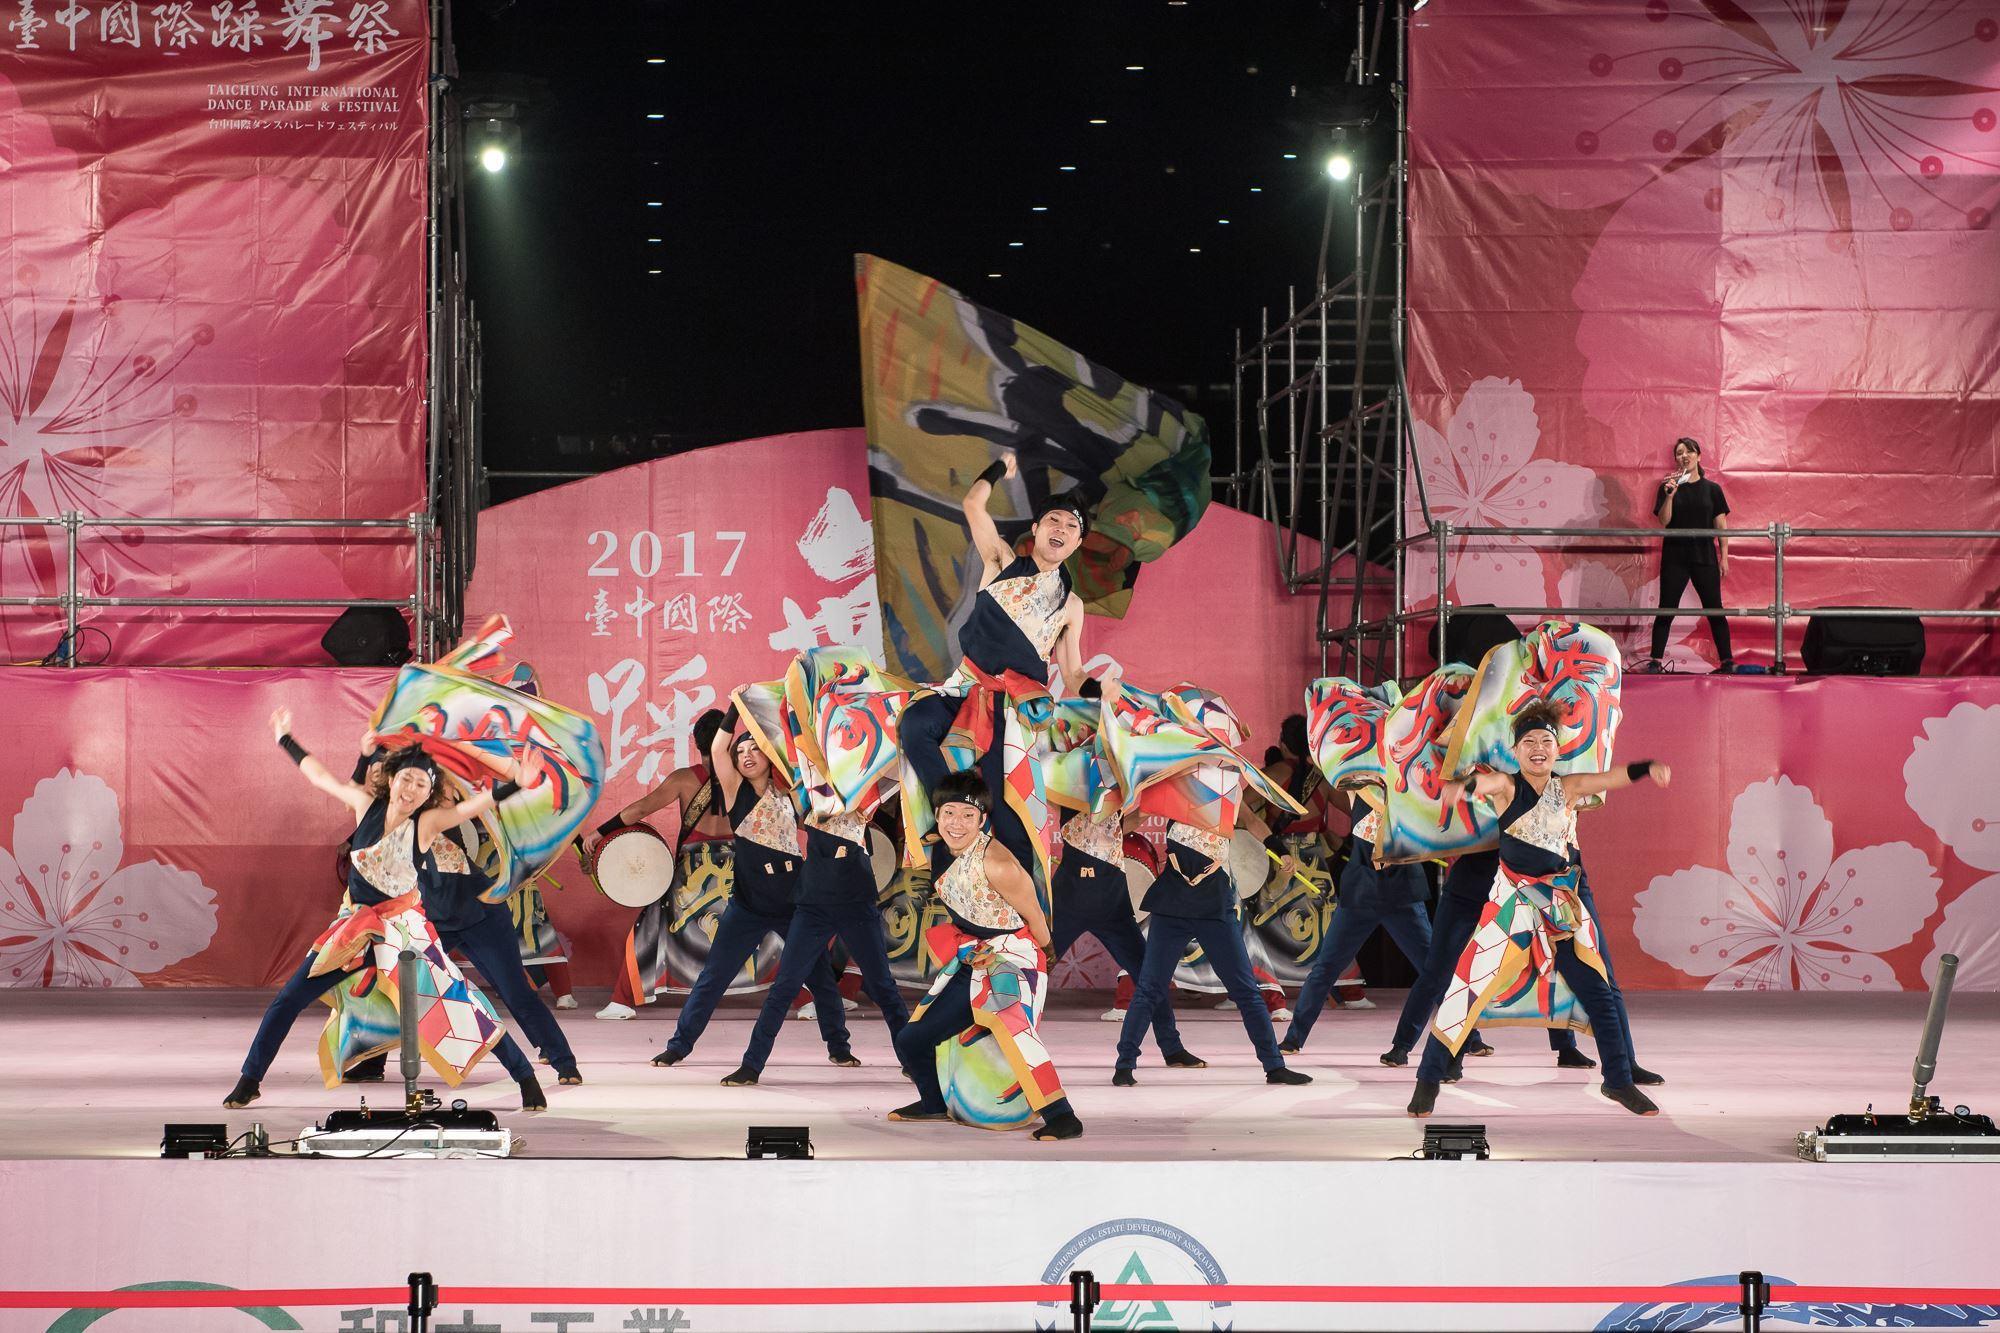 臺中國際踩舞祭 (9)